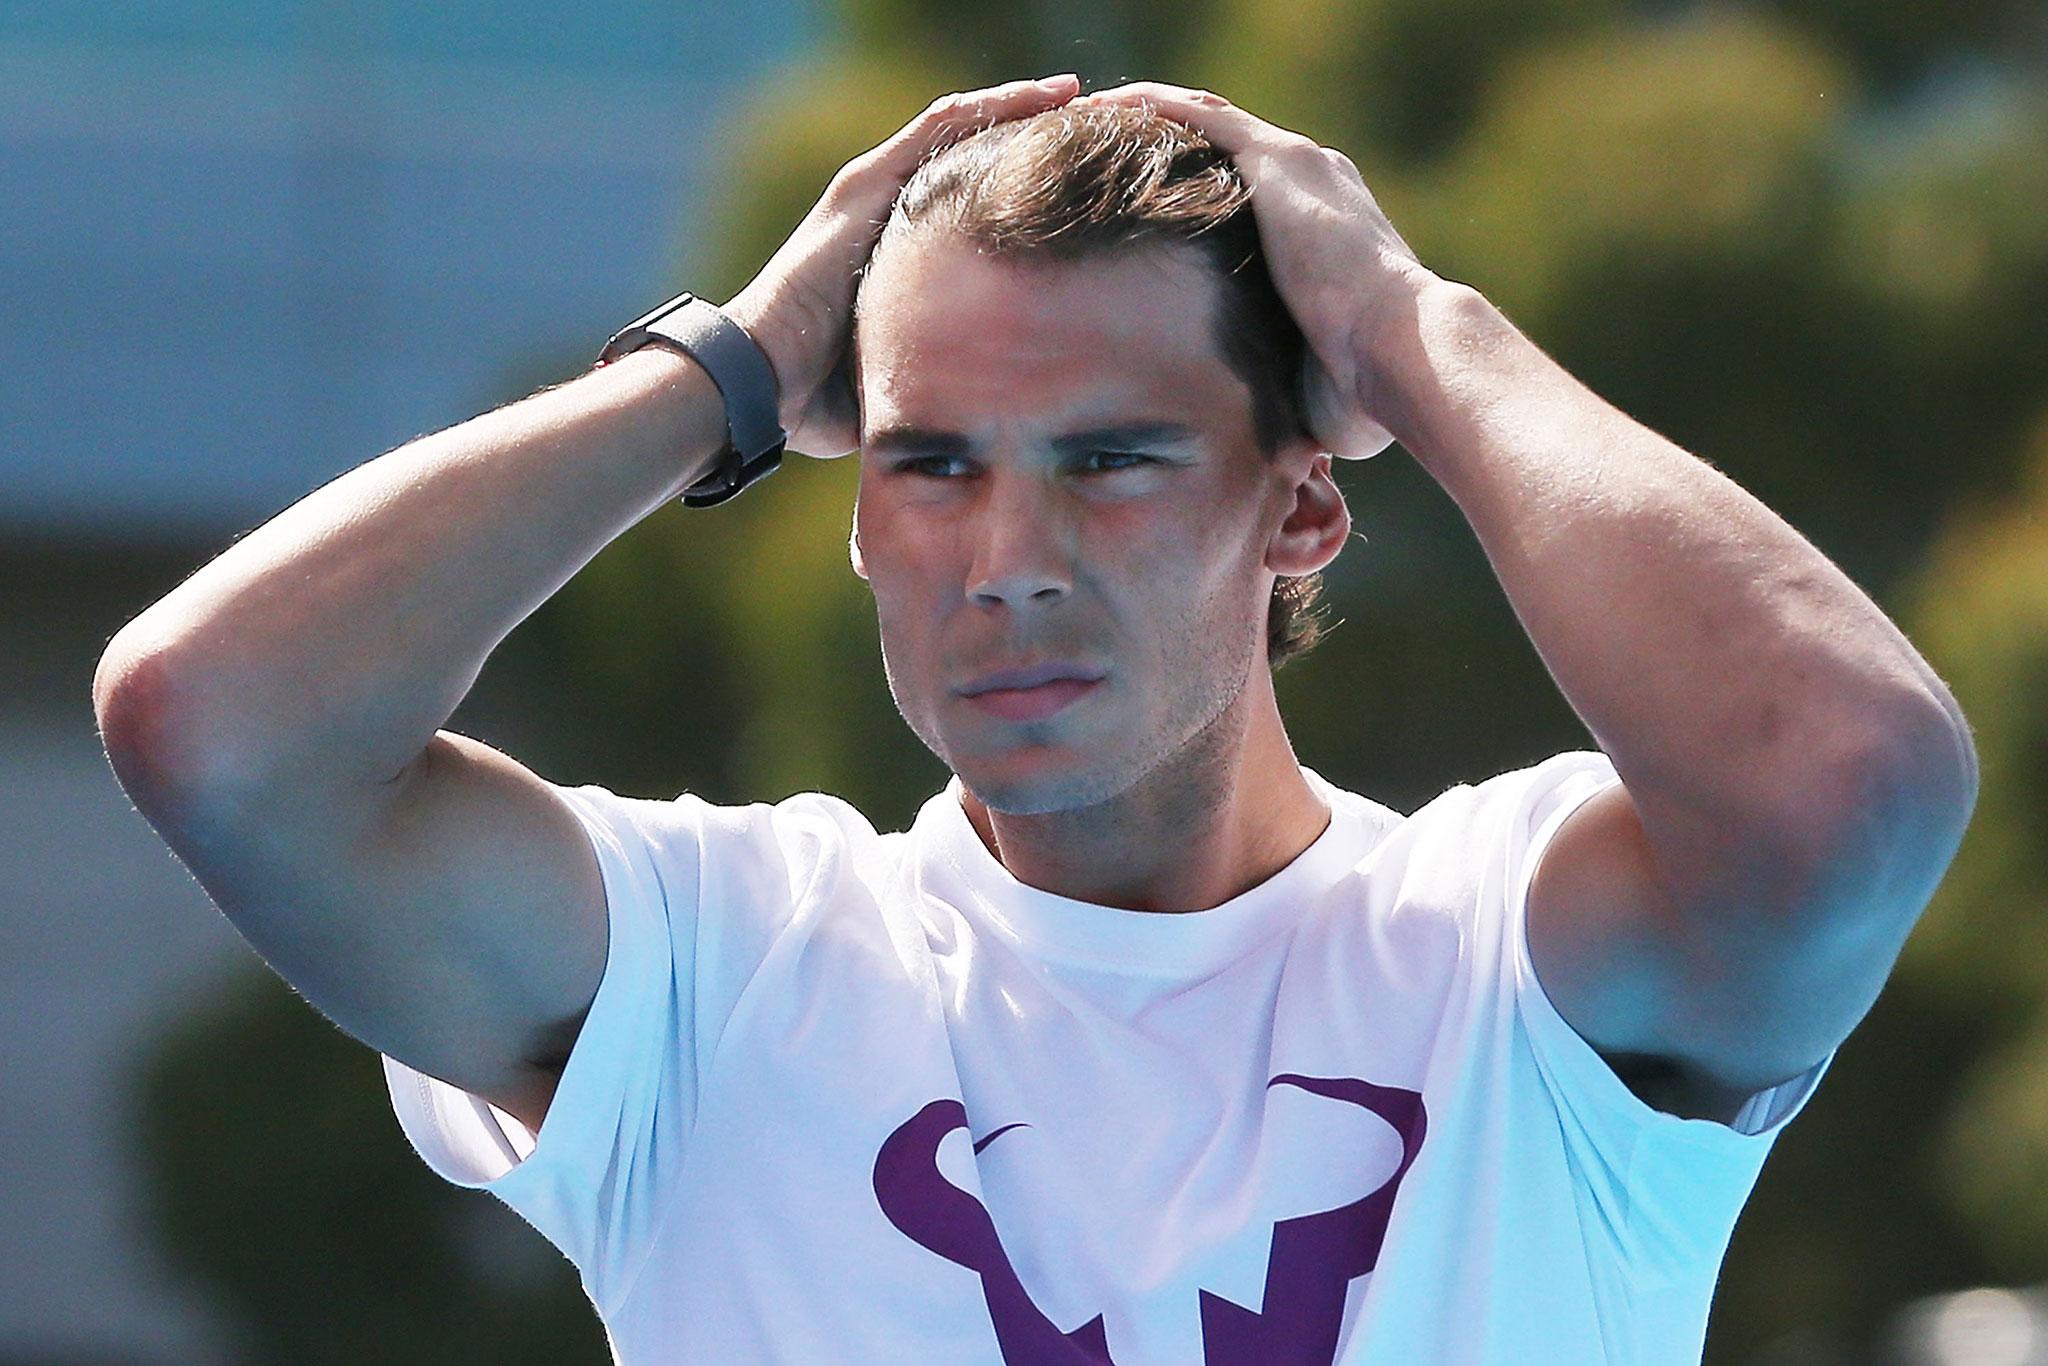 Rafael Nadal Parera est un joueur de tennis espagnol professionnel depuis 2001 né le 3 juin 1986 à Manacor sur lîle de Majorque dans larchipel des Baléares